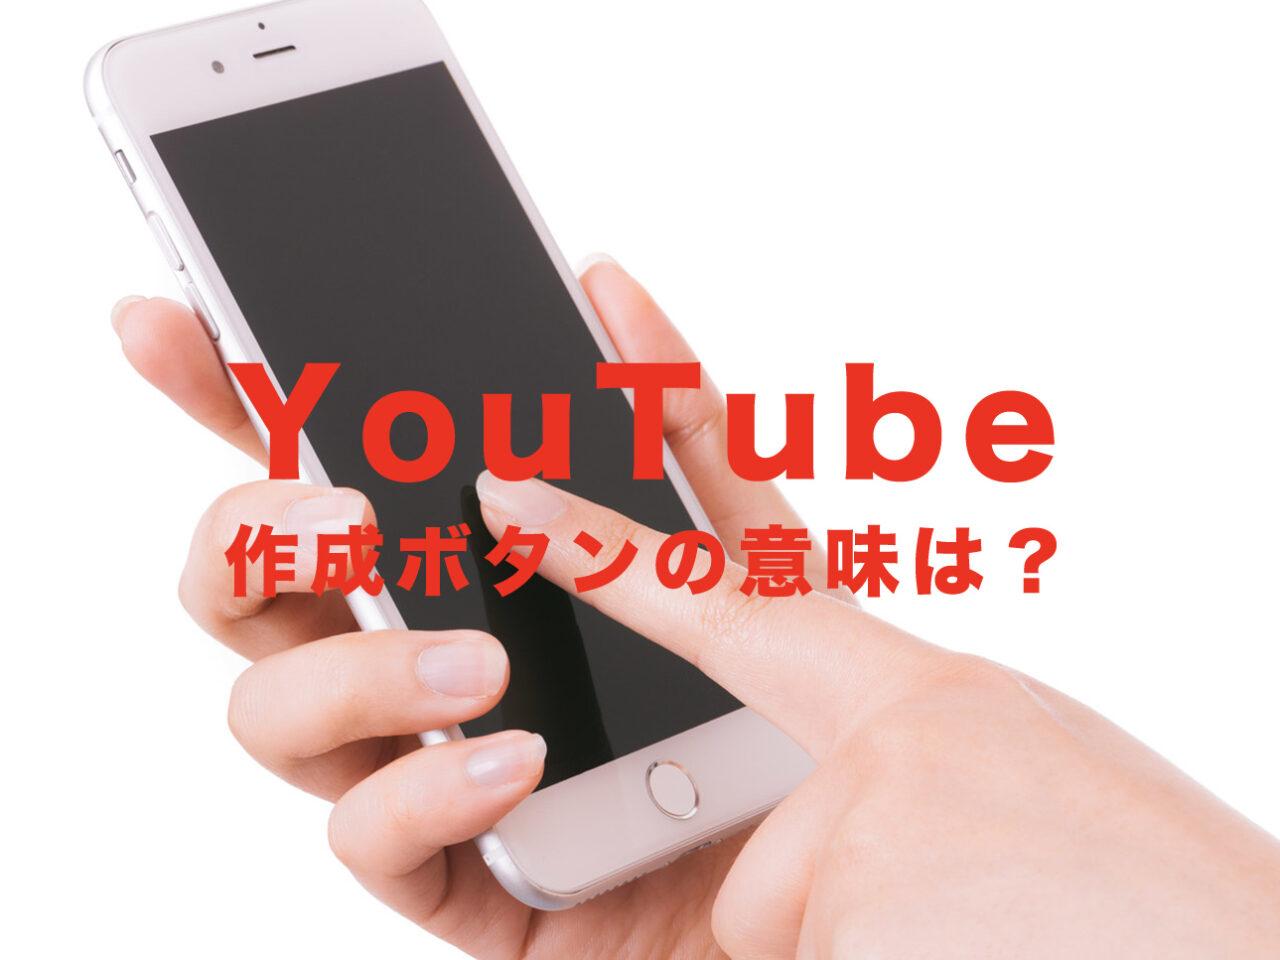 YouTube(ユーチューブ)の作成ボタンは何?邪魔で消すことはできる?ない場合は?のサムネイル画像